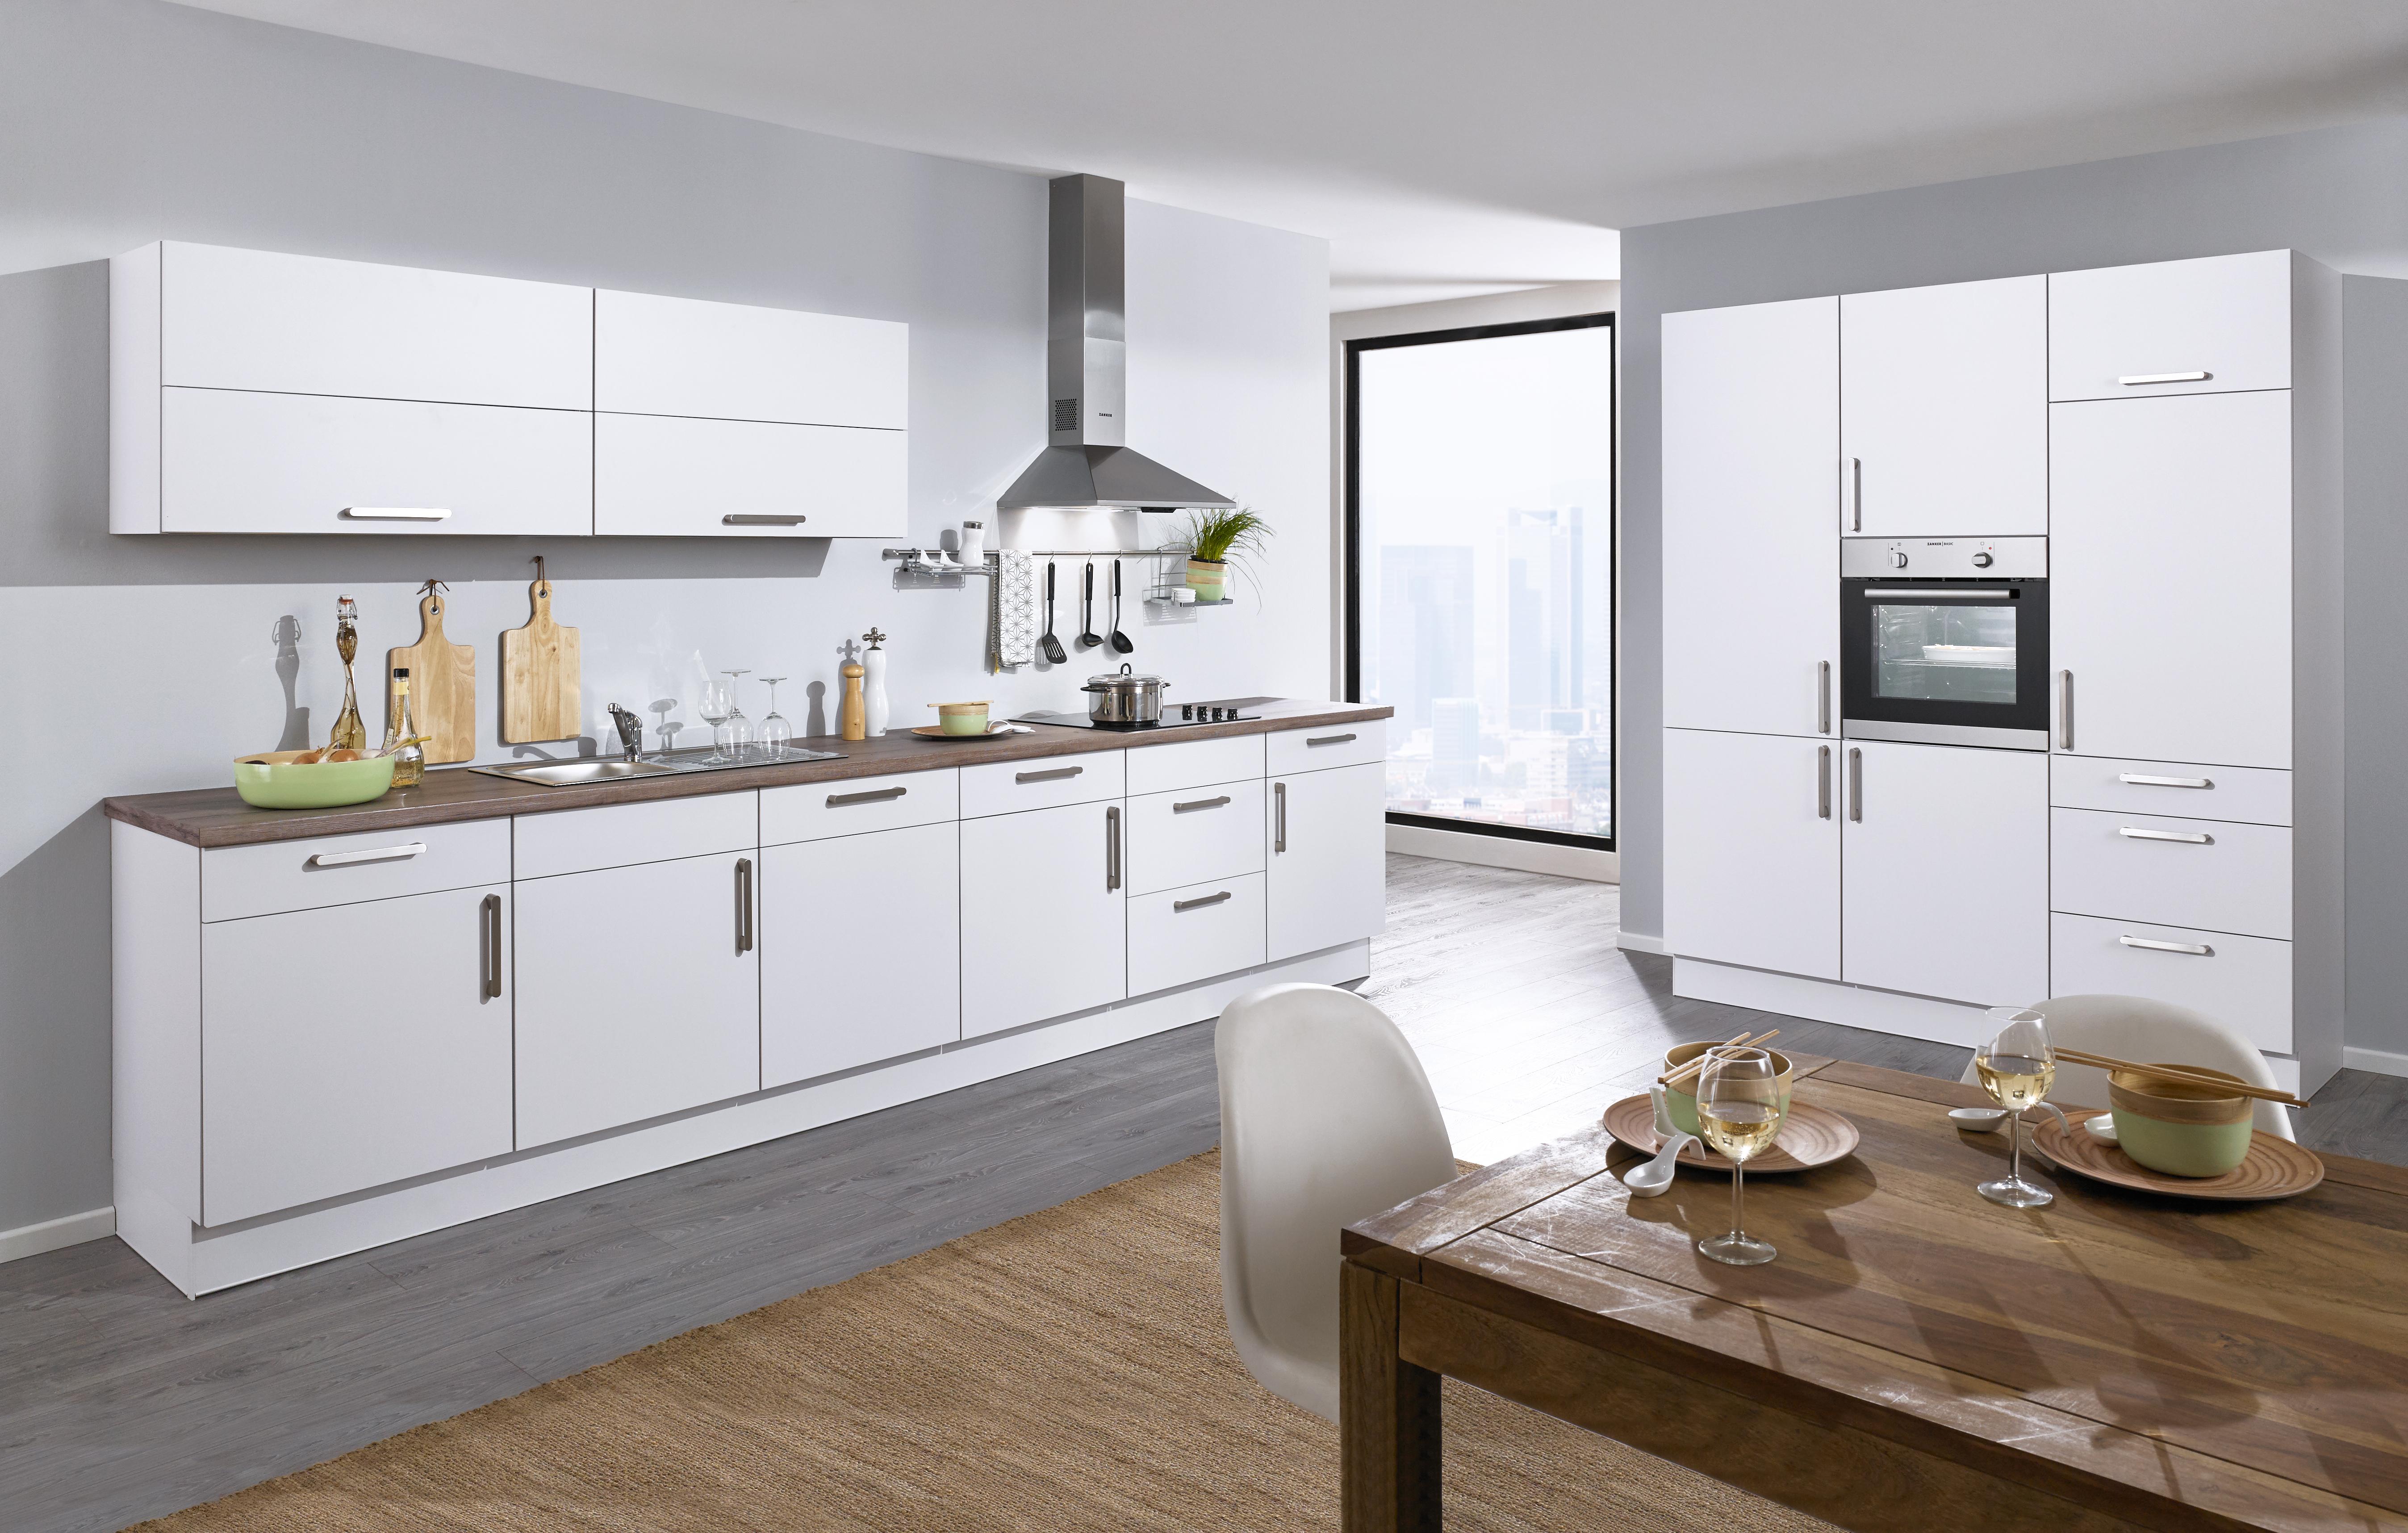 Küche ist nicht gleich Küche. Der ultimative Ausstattungsvergleich